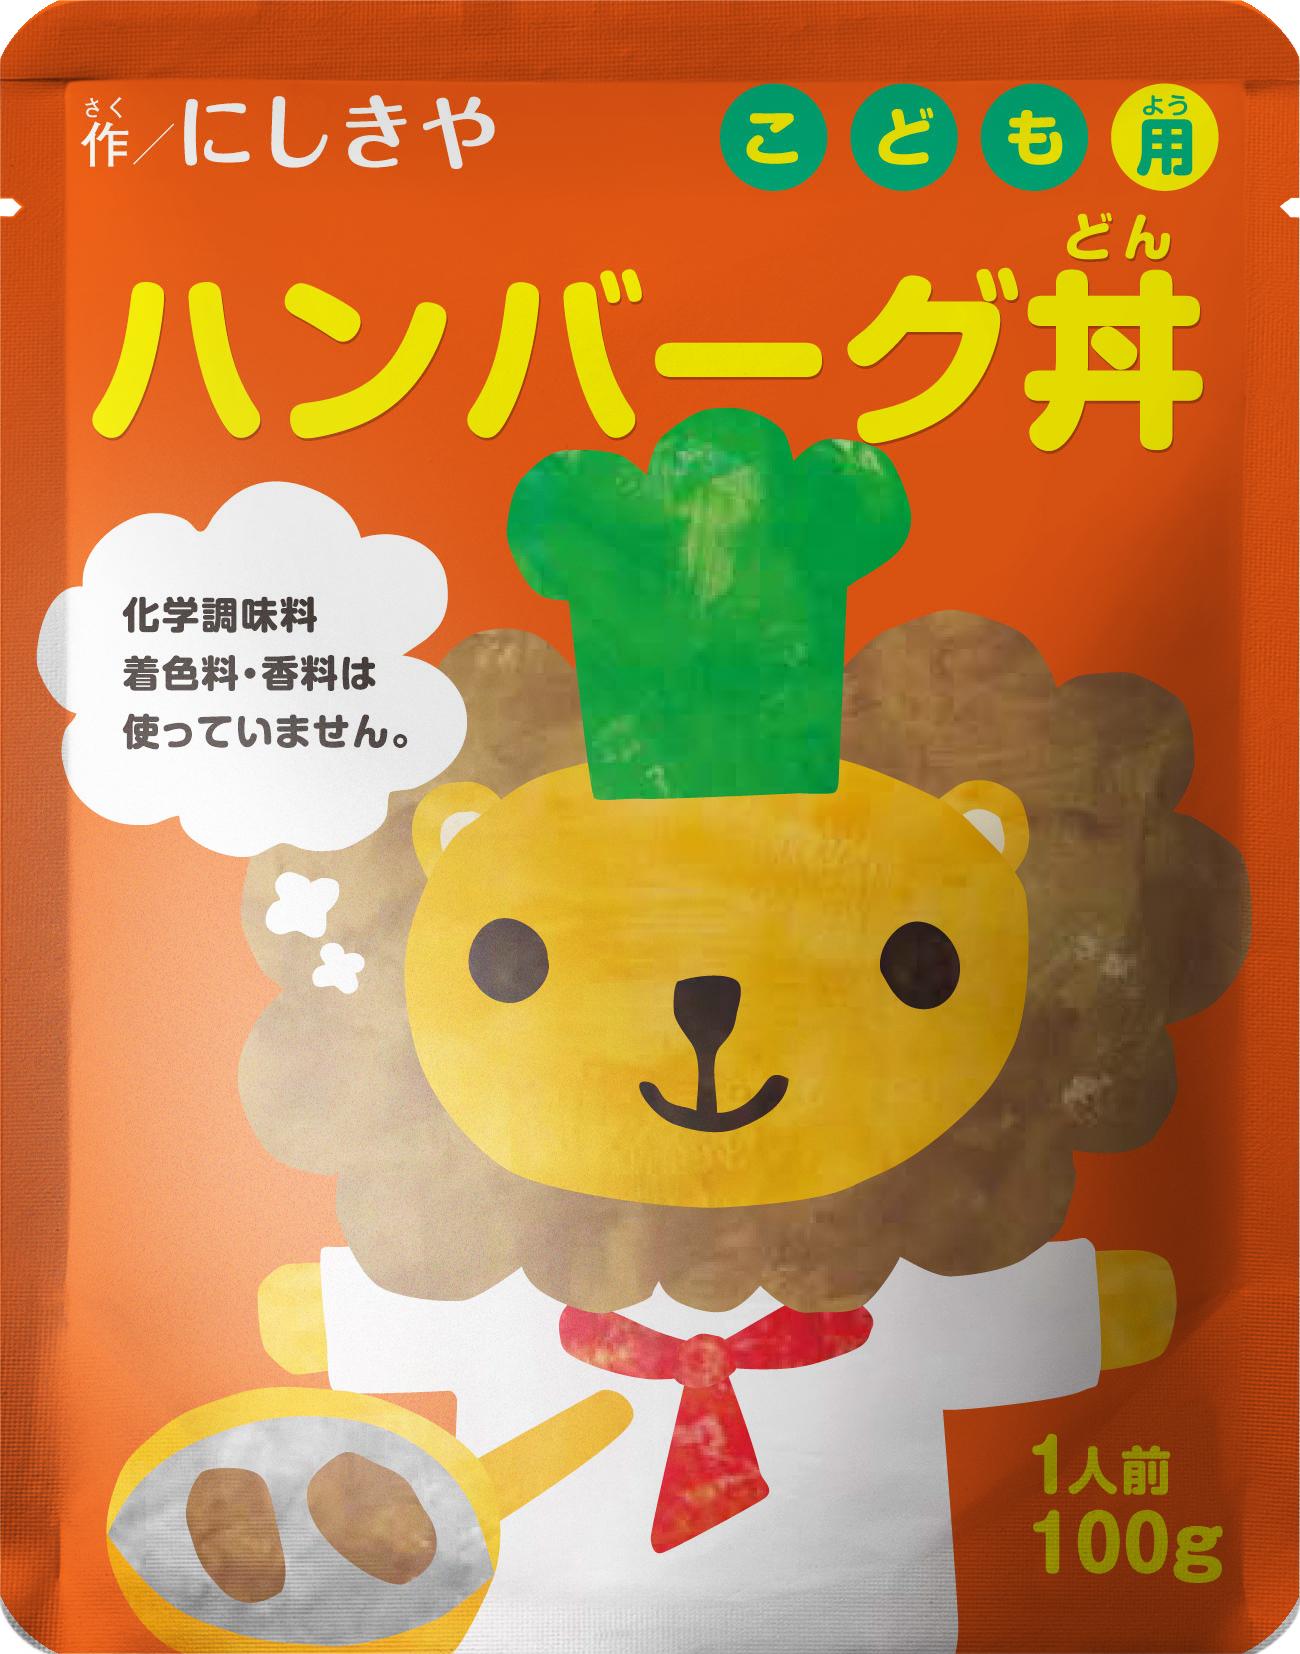 ハンバーグ丼 *化学調味料・保存料・着色料不使用レトルト*